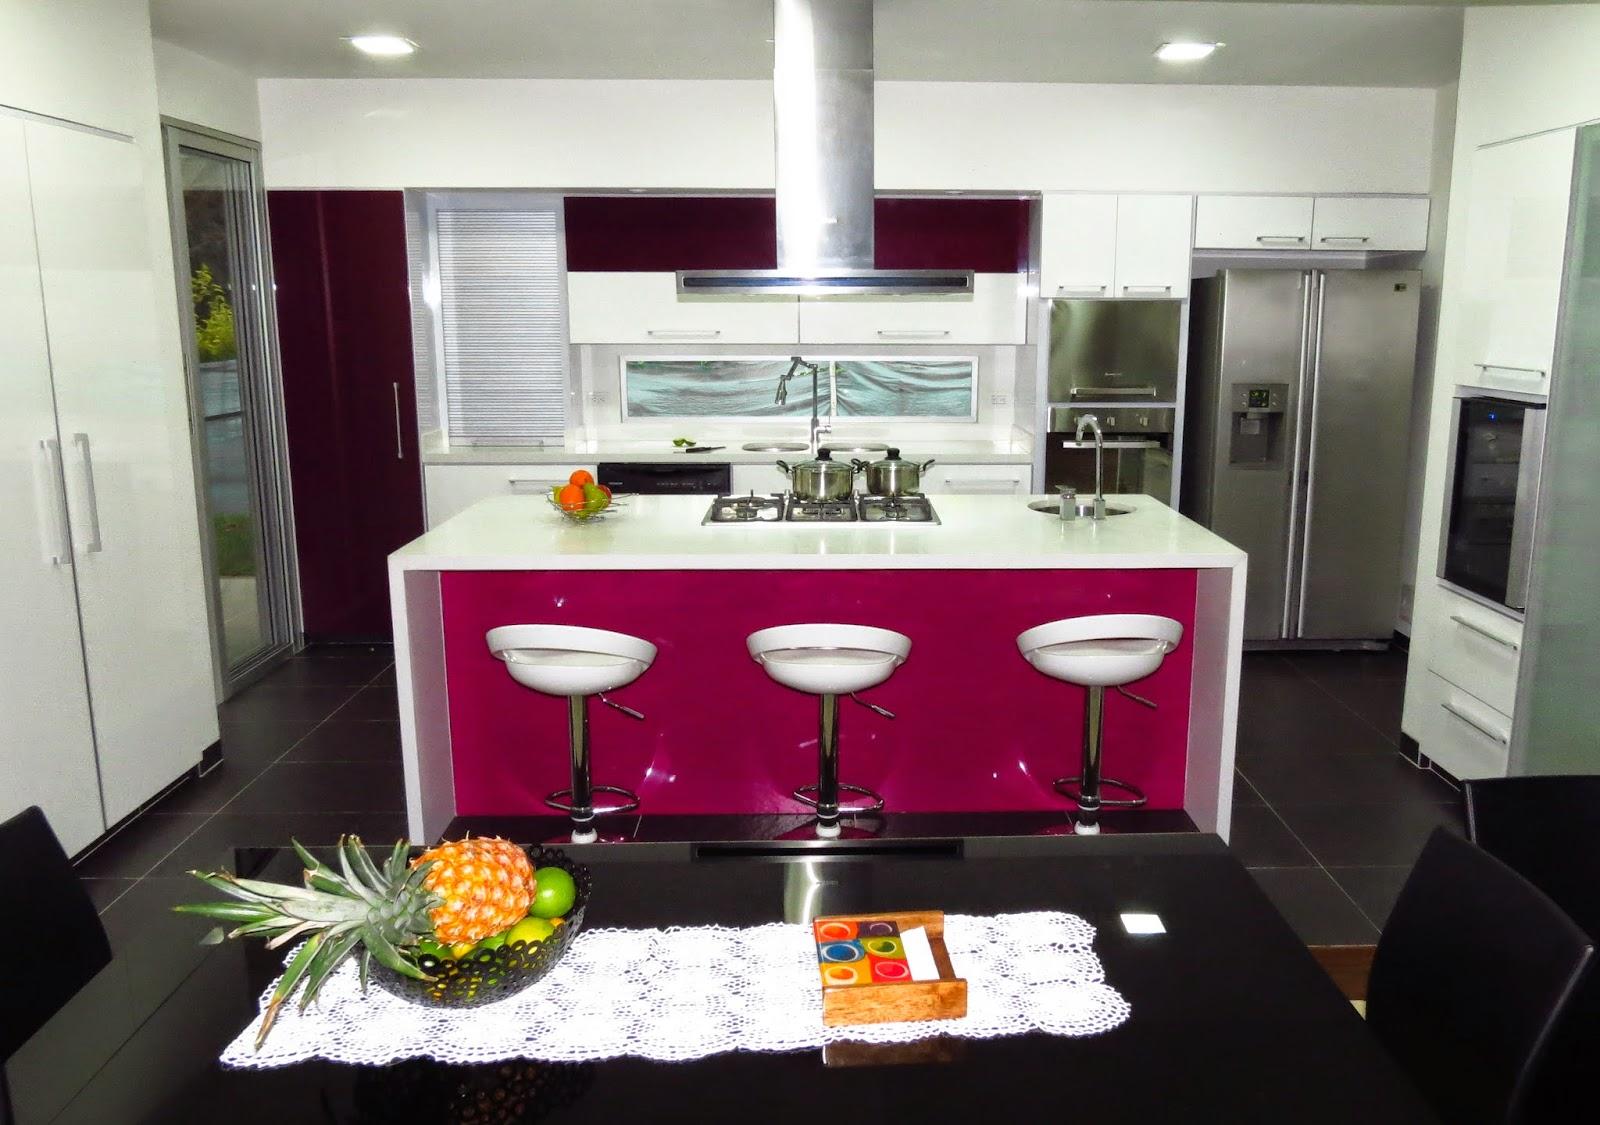 Cocina moderna en pereira morado y blanco cocinas - Cocinas espectaculares modernas ...